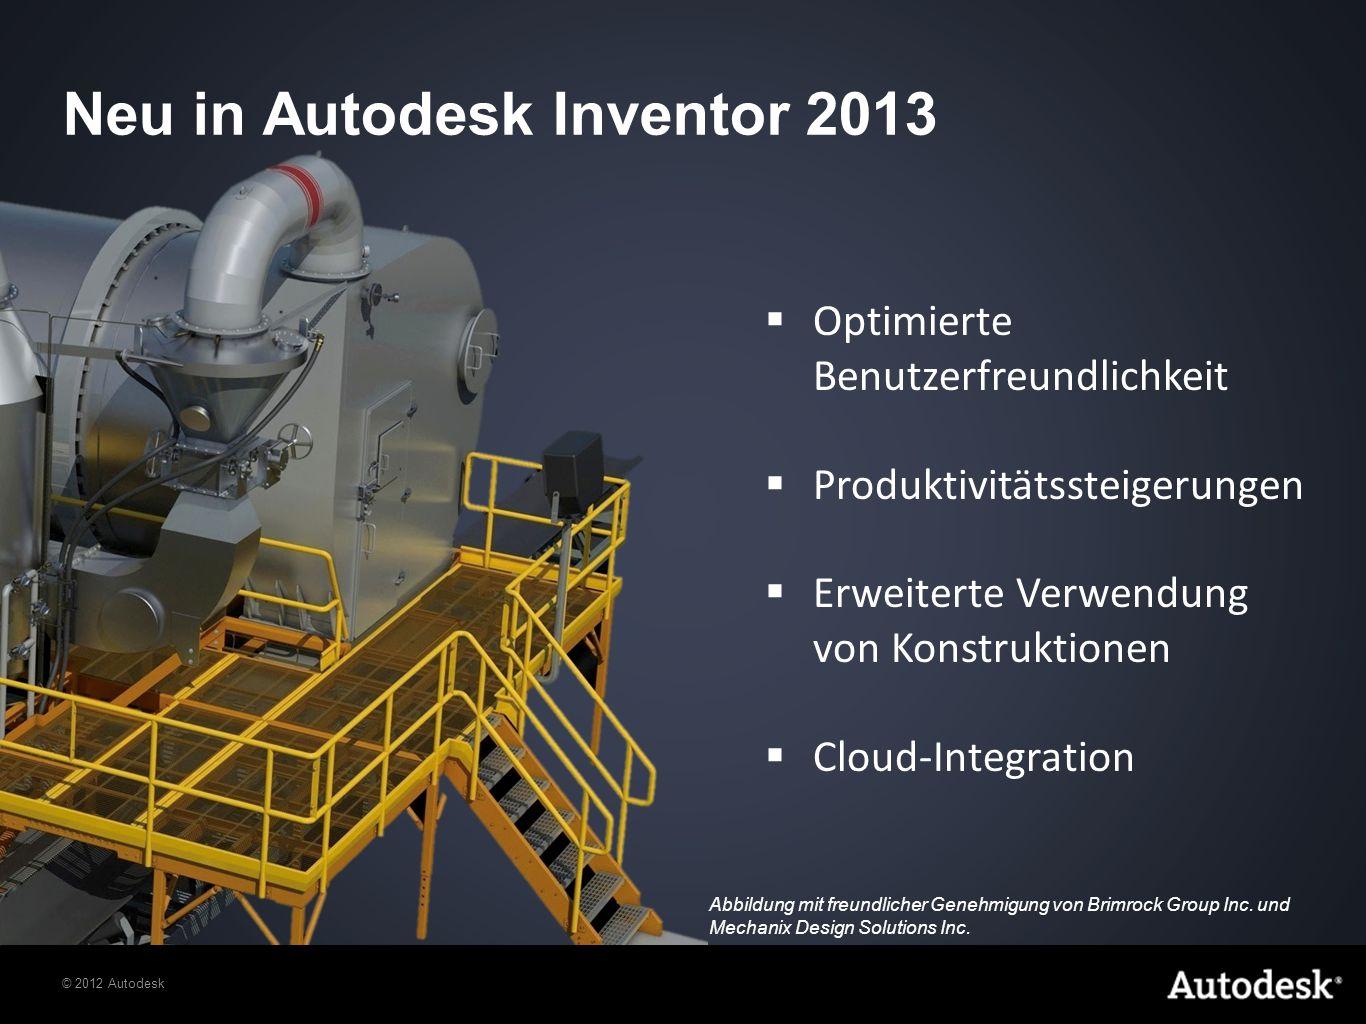 © 2012 Autodesk Optimierte Benutzerfreundlichkeit Produktivitätssteigerungen Erweiterte Verwendung von Konstruktionen Cloud-Integration Neu in Autodesk Inventor 2013 Abbildung mit freundlicher Genehmigung von Brimrock Group Inc.